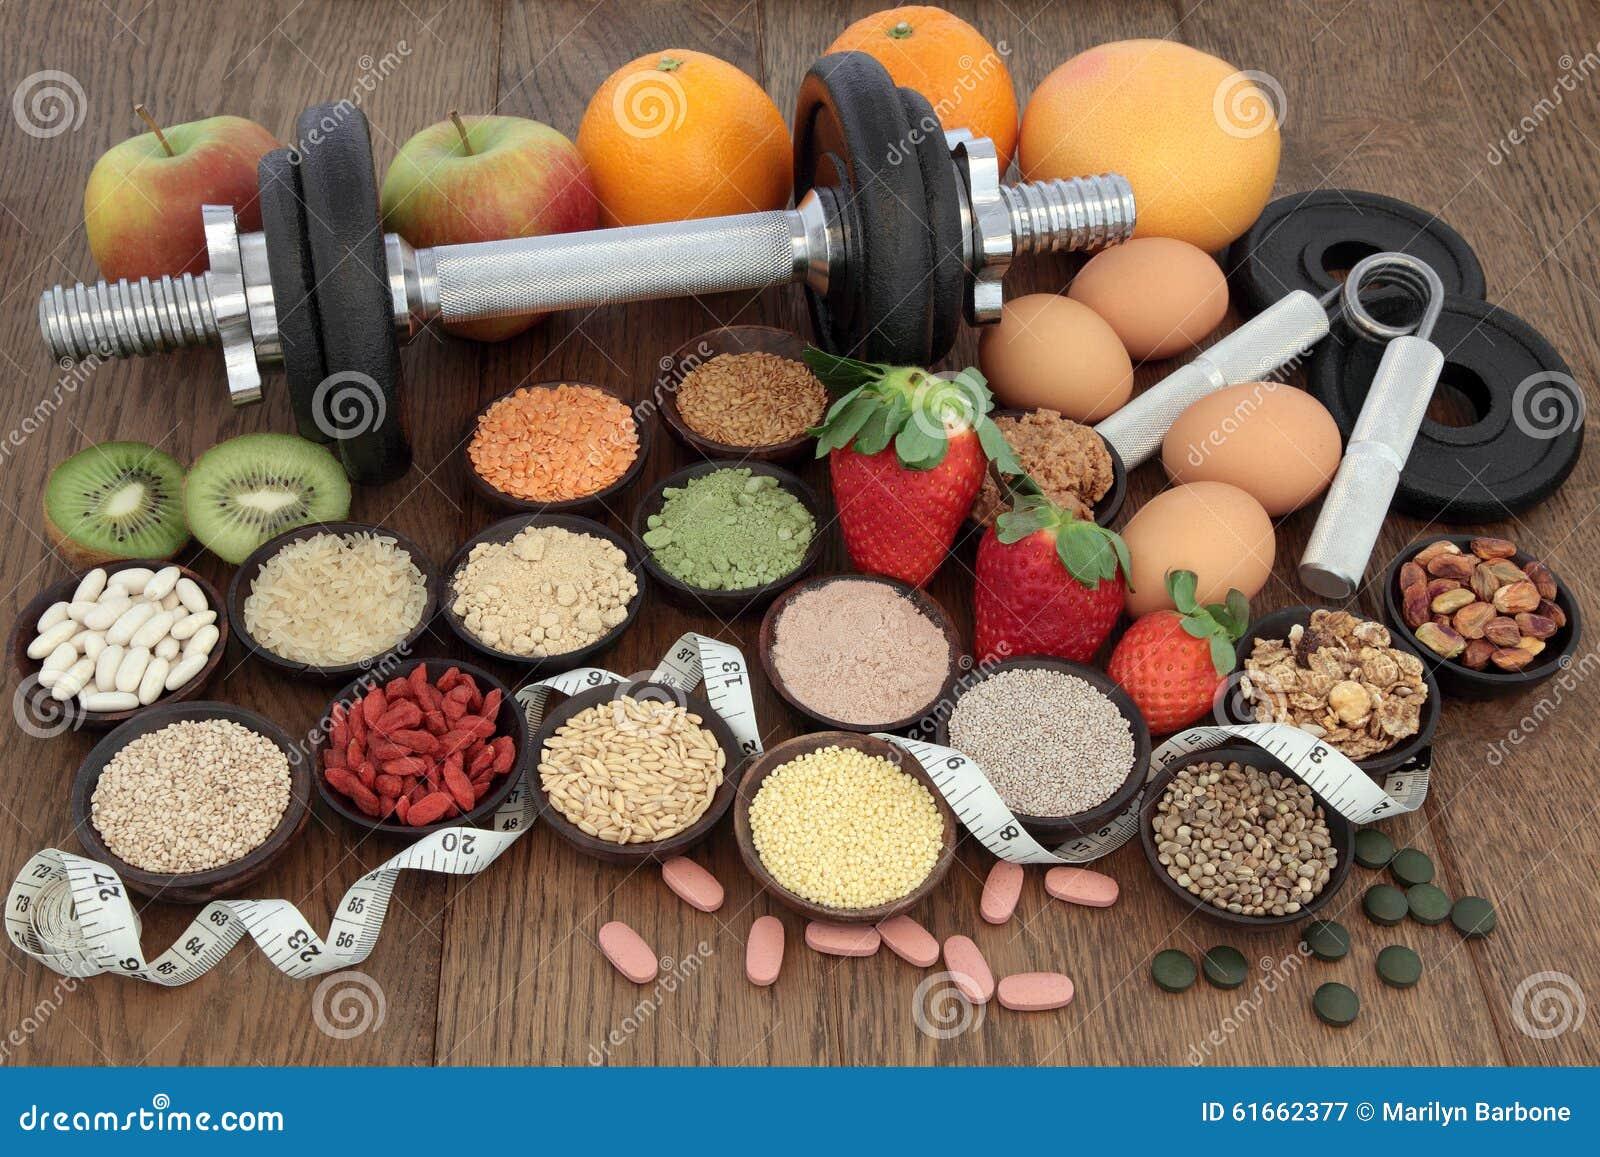 diett og treningsplan